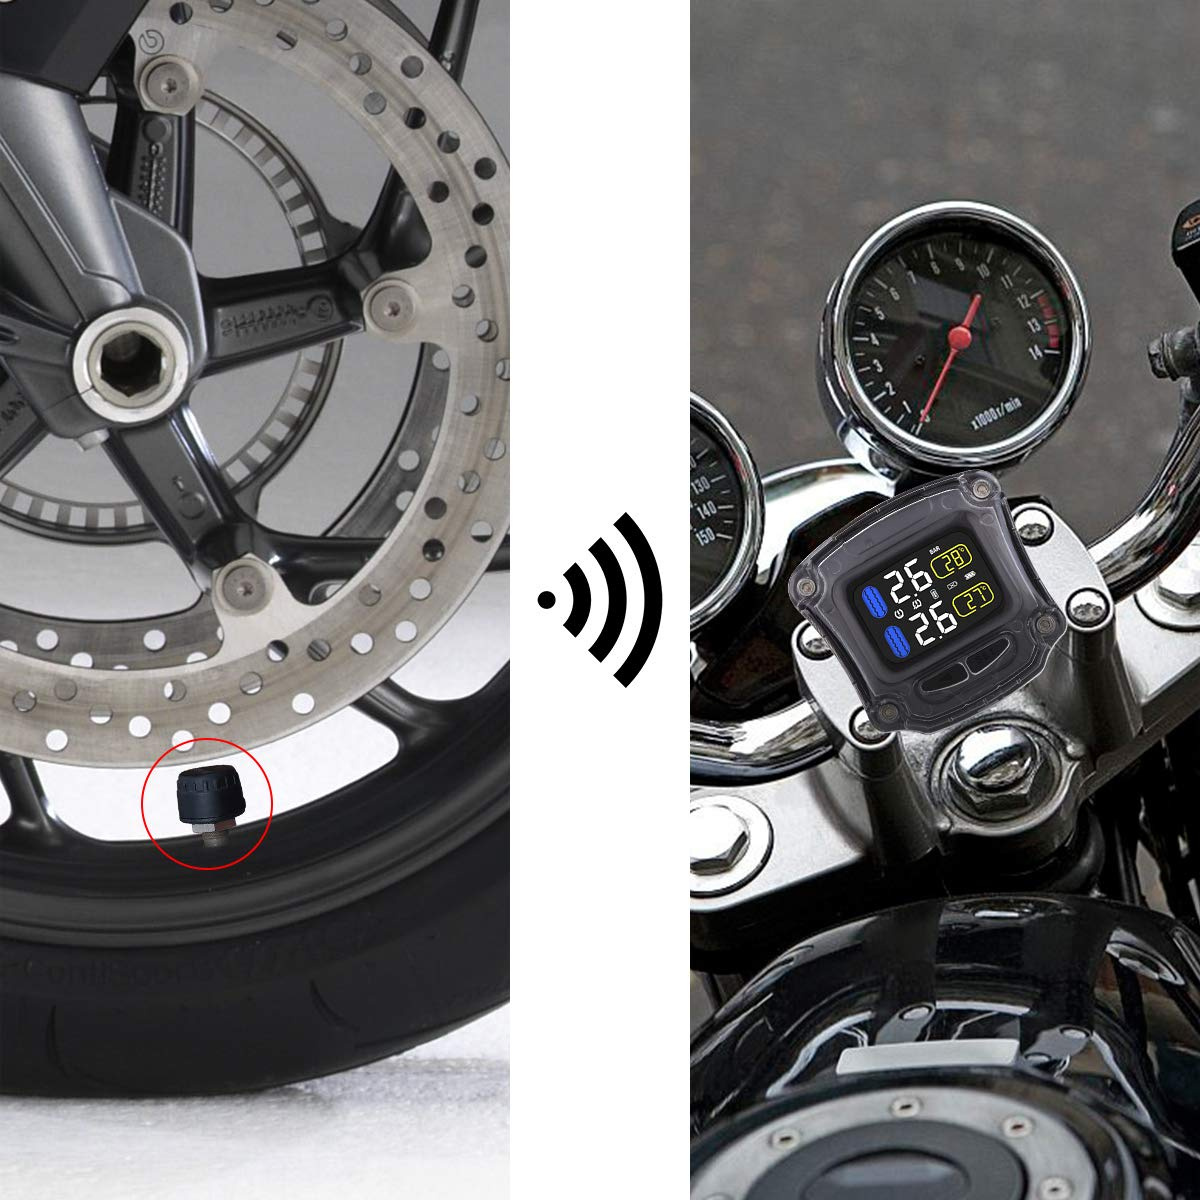 Autmor Syst/ème de Surveillance de Pression des Pneus TPMS Jauge de Pression des Pneus de Poto Avec Capteur 2 M3-B pour Moto Sup/érieur avec l/'Affichage /à LCD pour des Motos